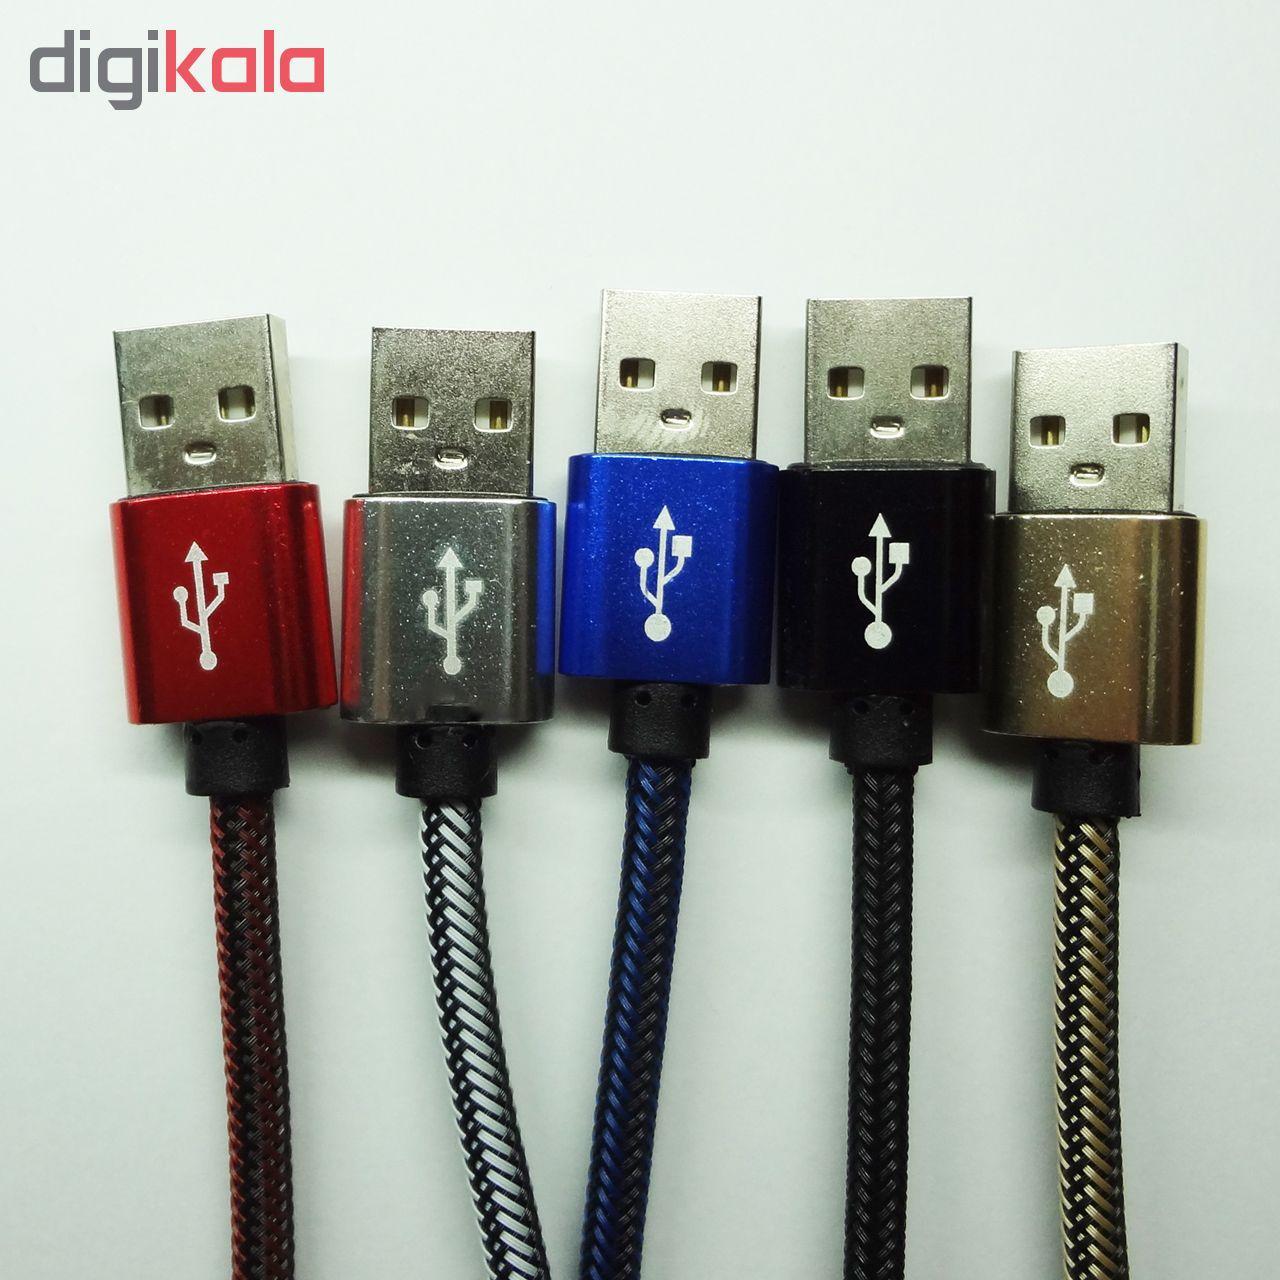 کابل تبدیل USB به USB-C مدل C2563 طول 0.32 متر main 1 3